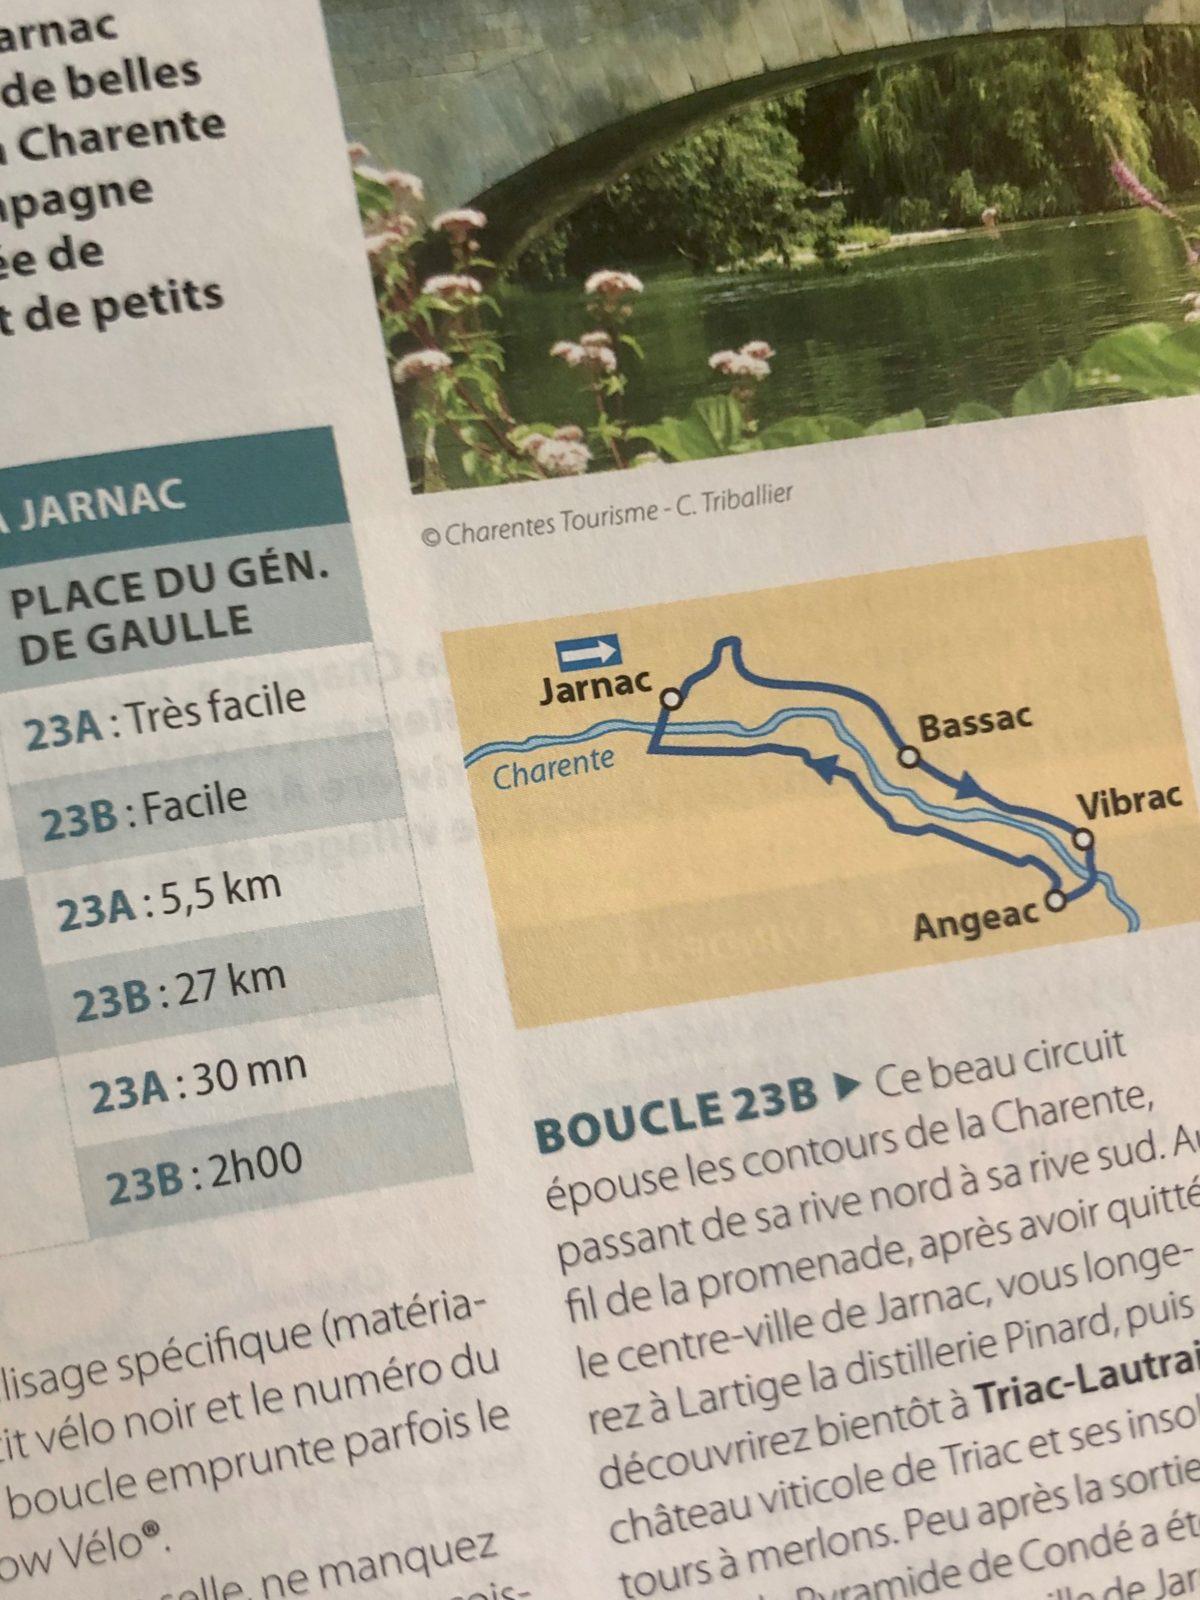 les circuits vélo dans le guide vert Michelin Les Charentes